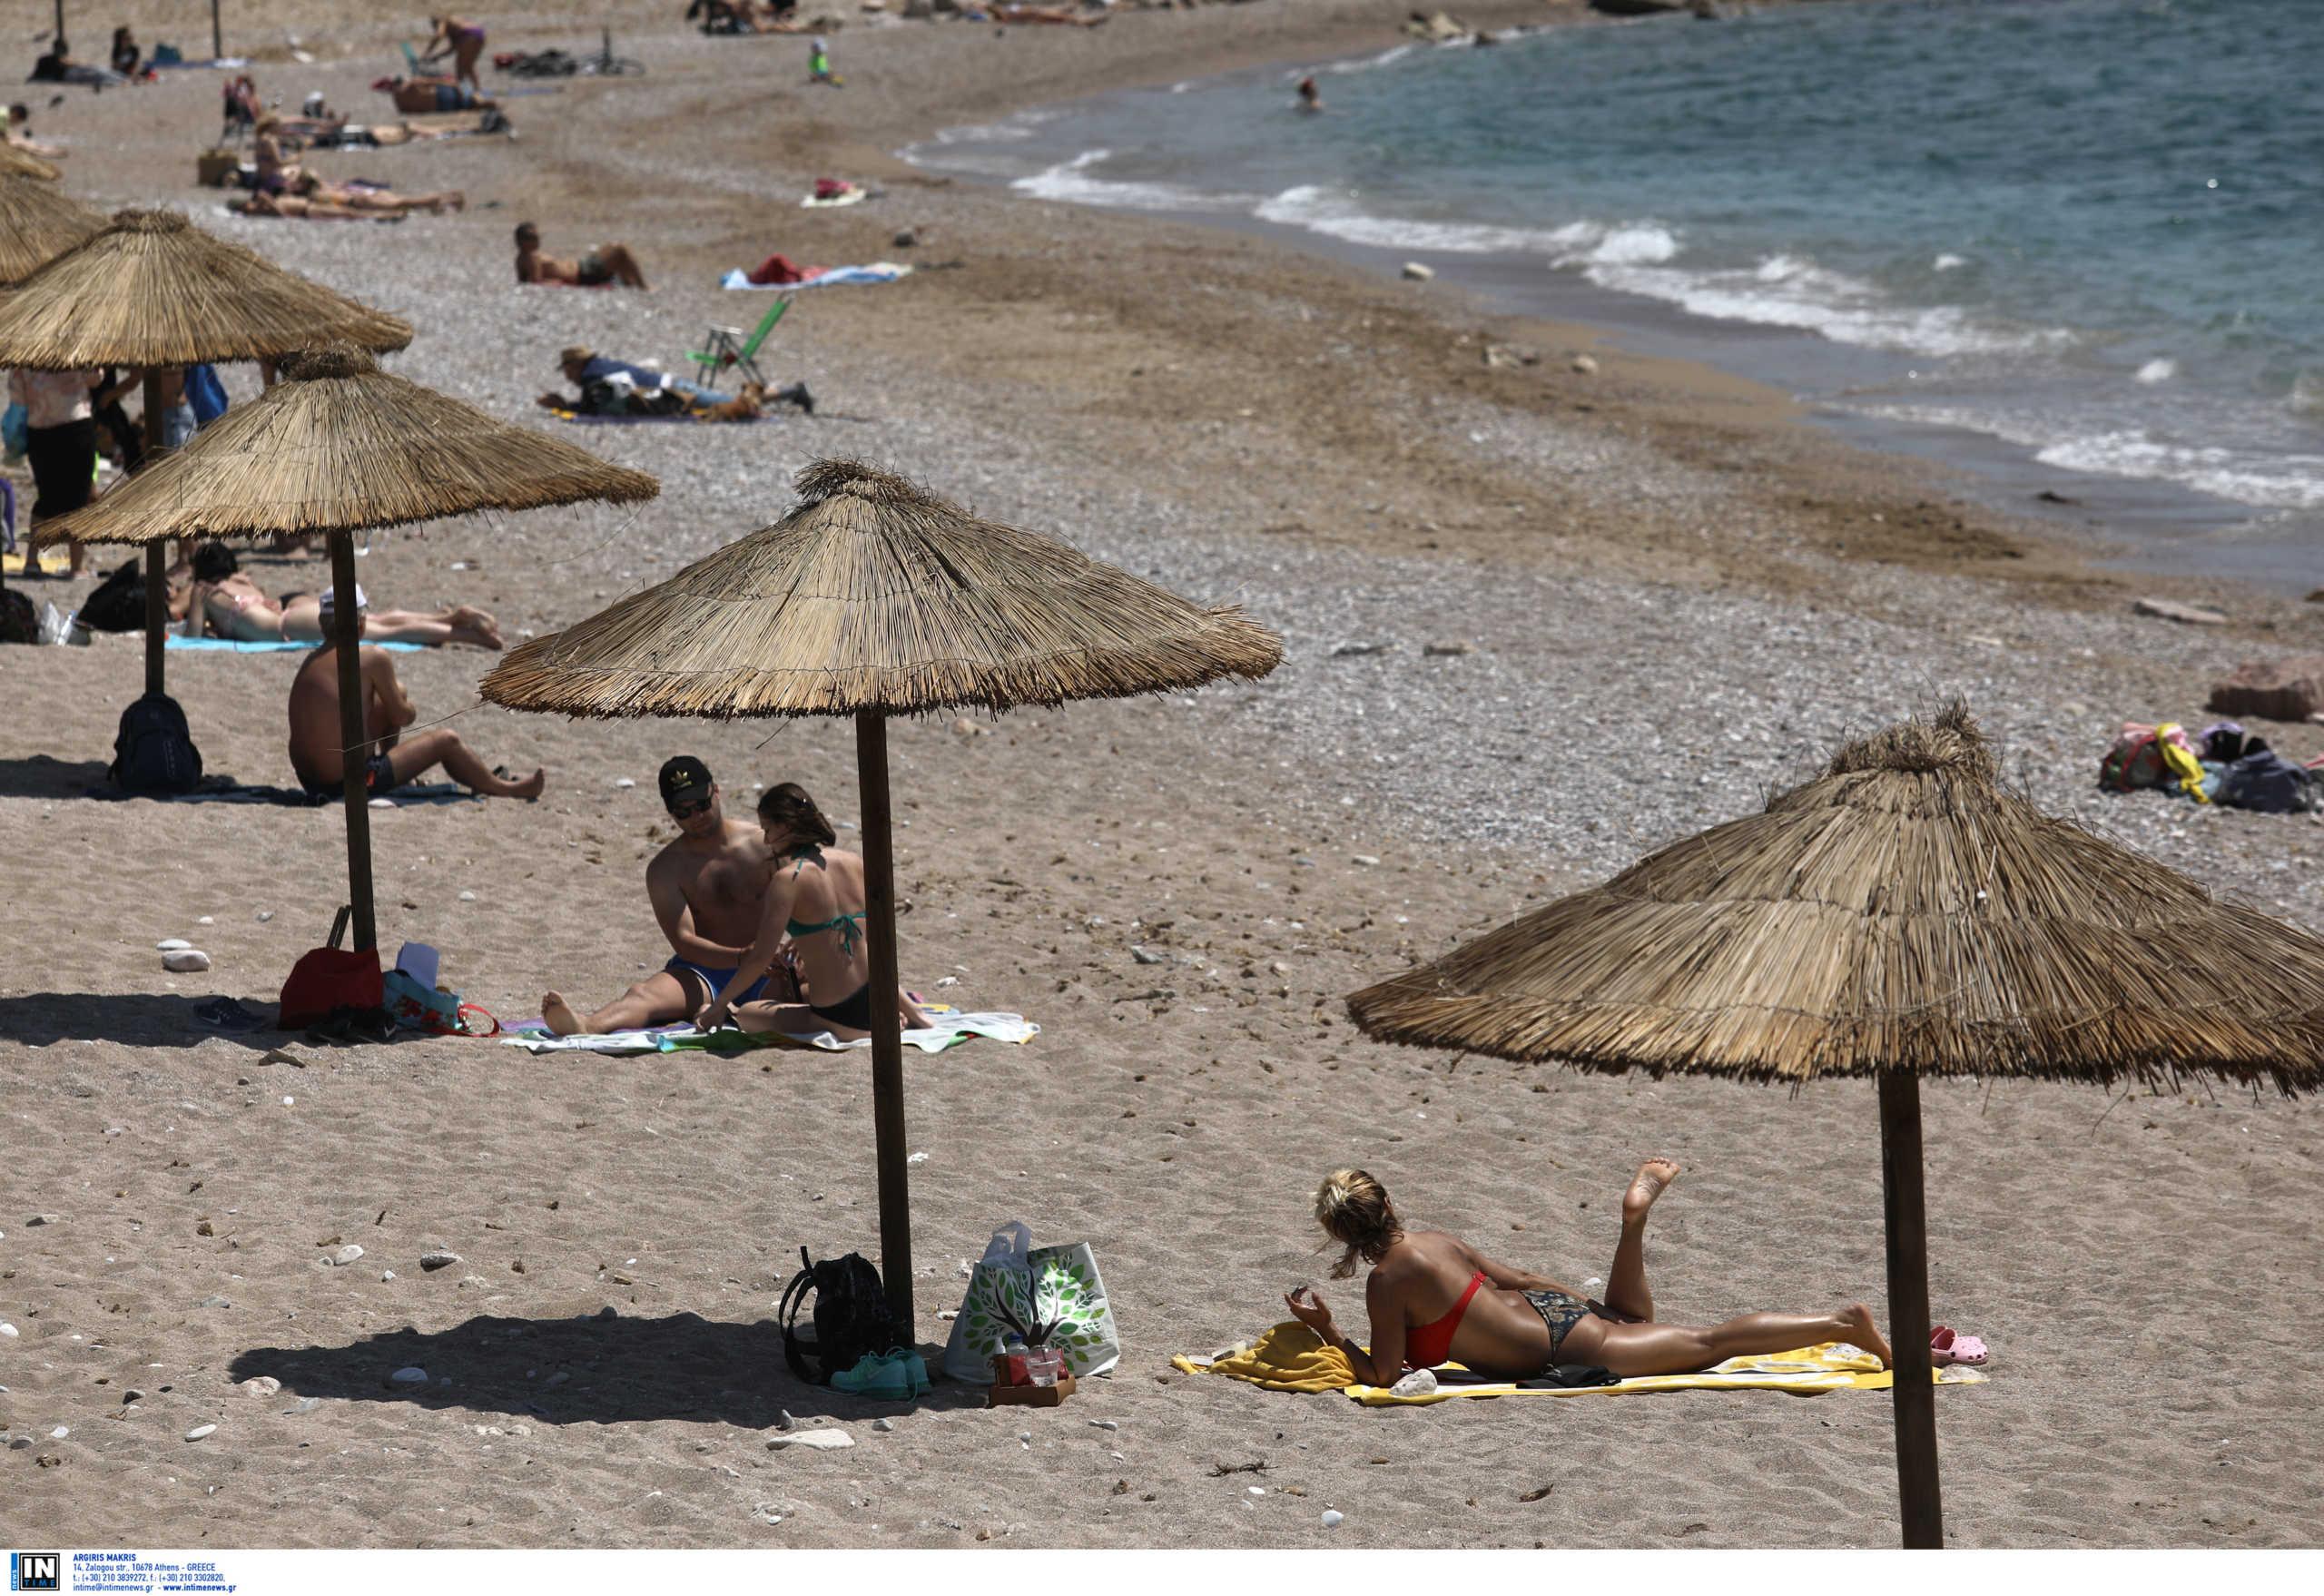 Καιρός Αρναούτογλου: Ζέστη έως και τις 6 Ιουλίου